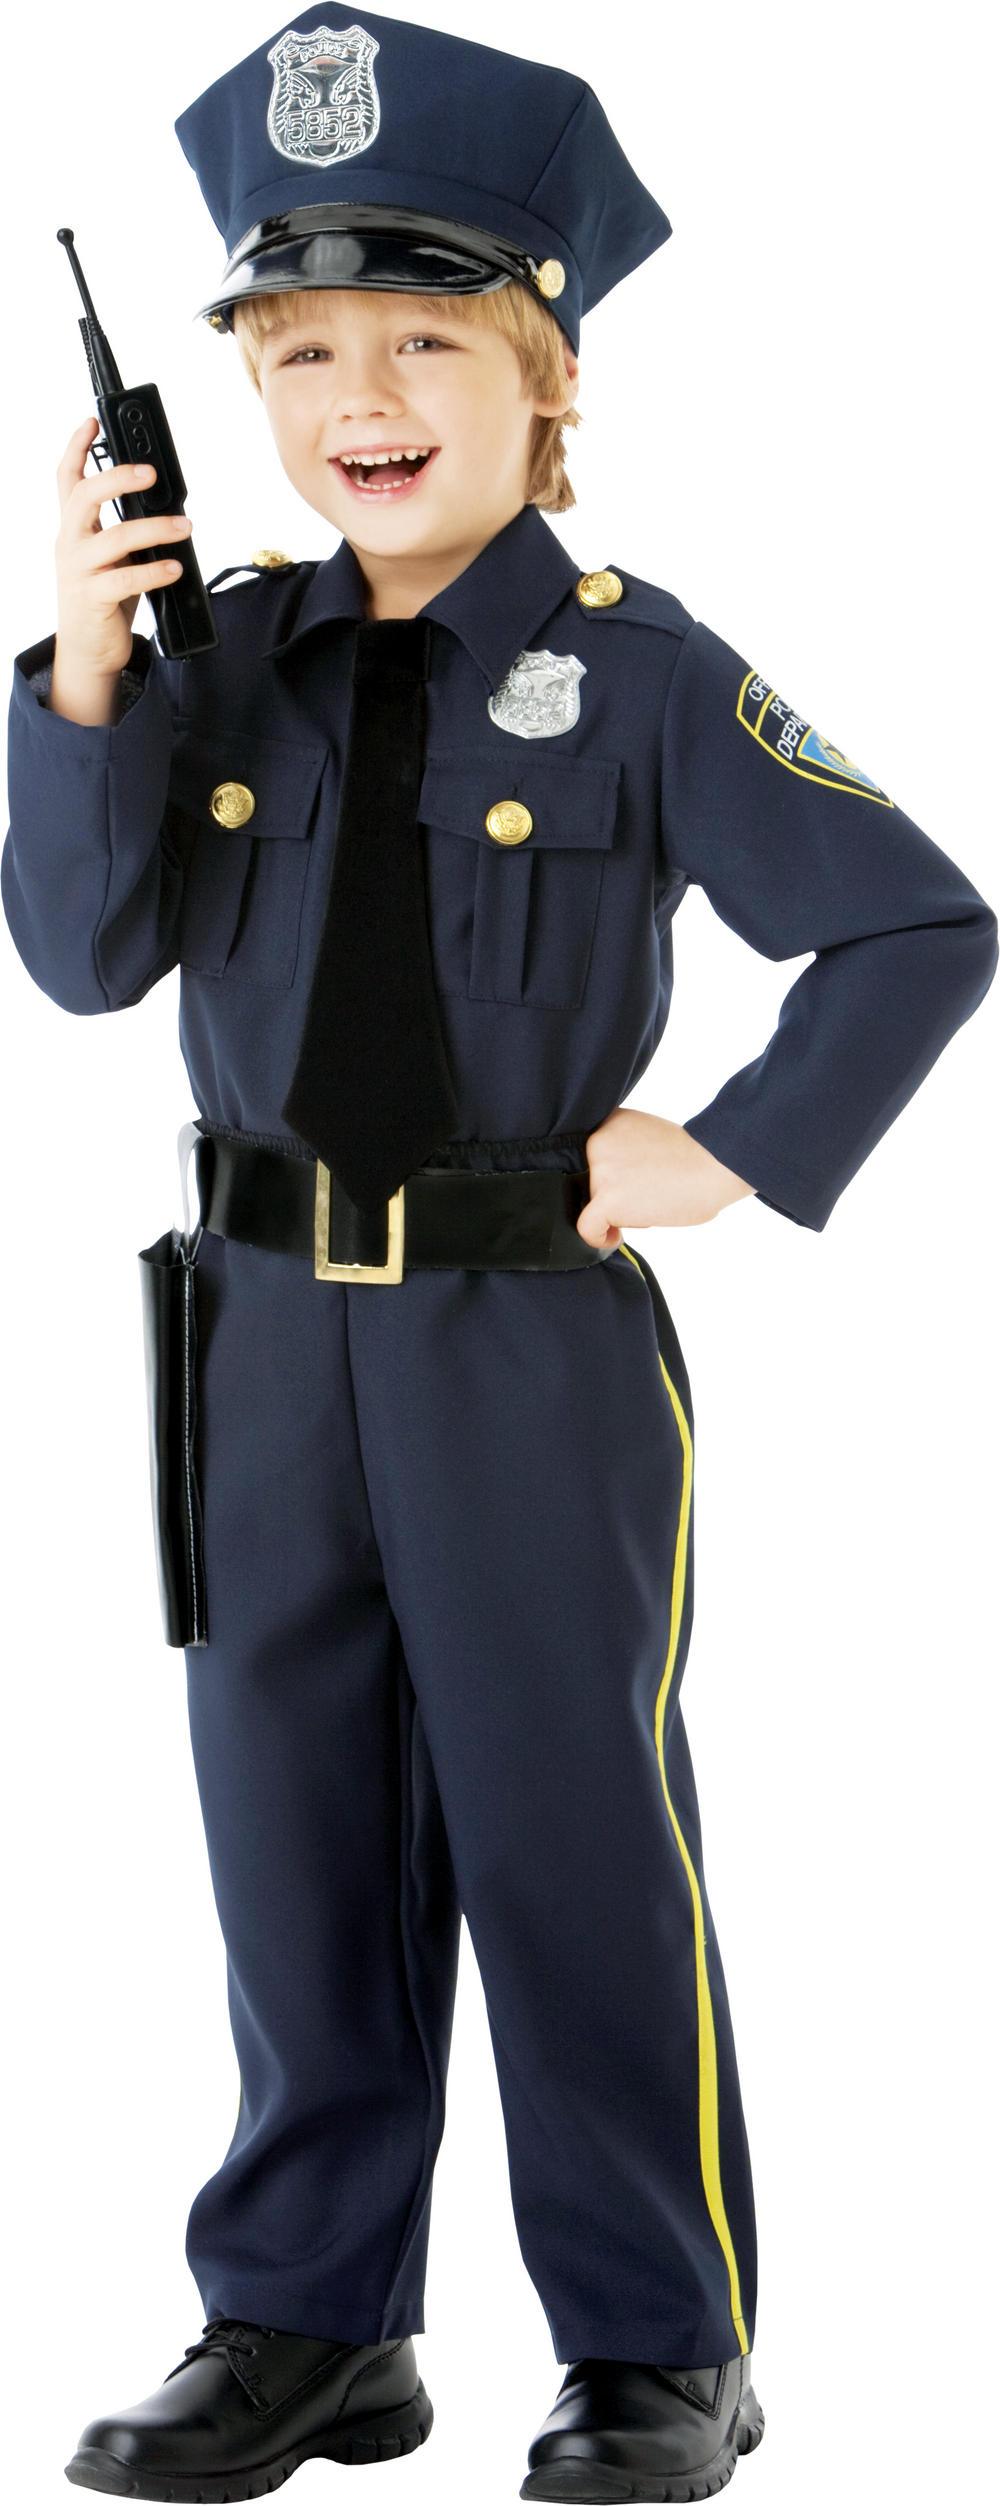 Police Officer Fancy Dress